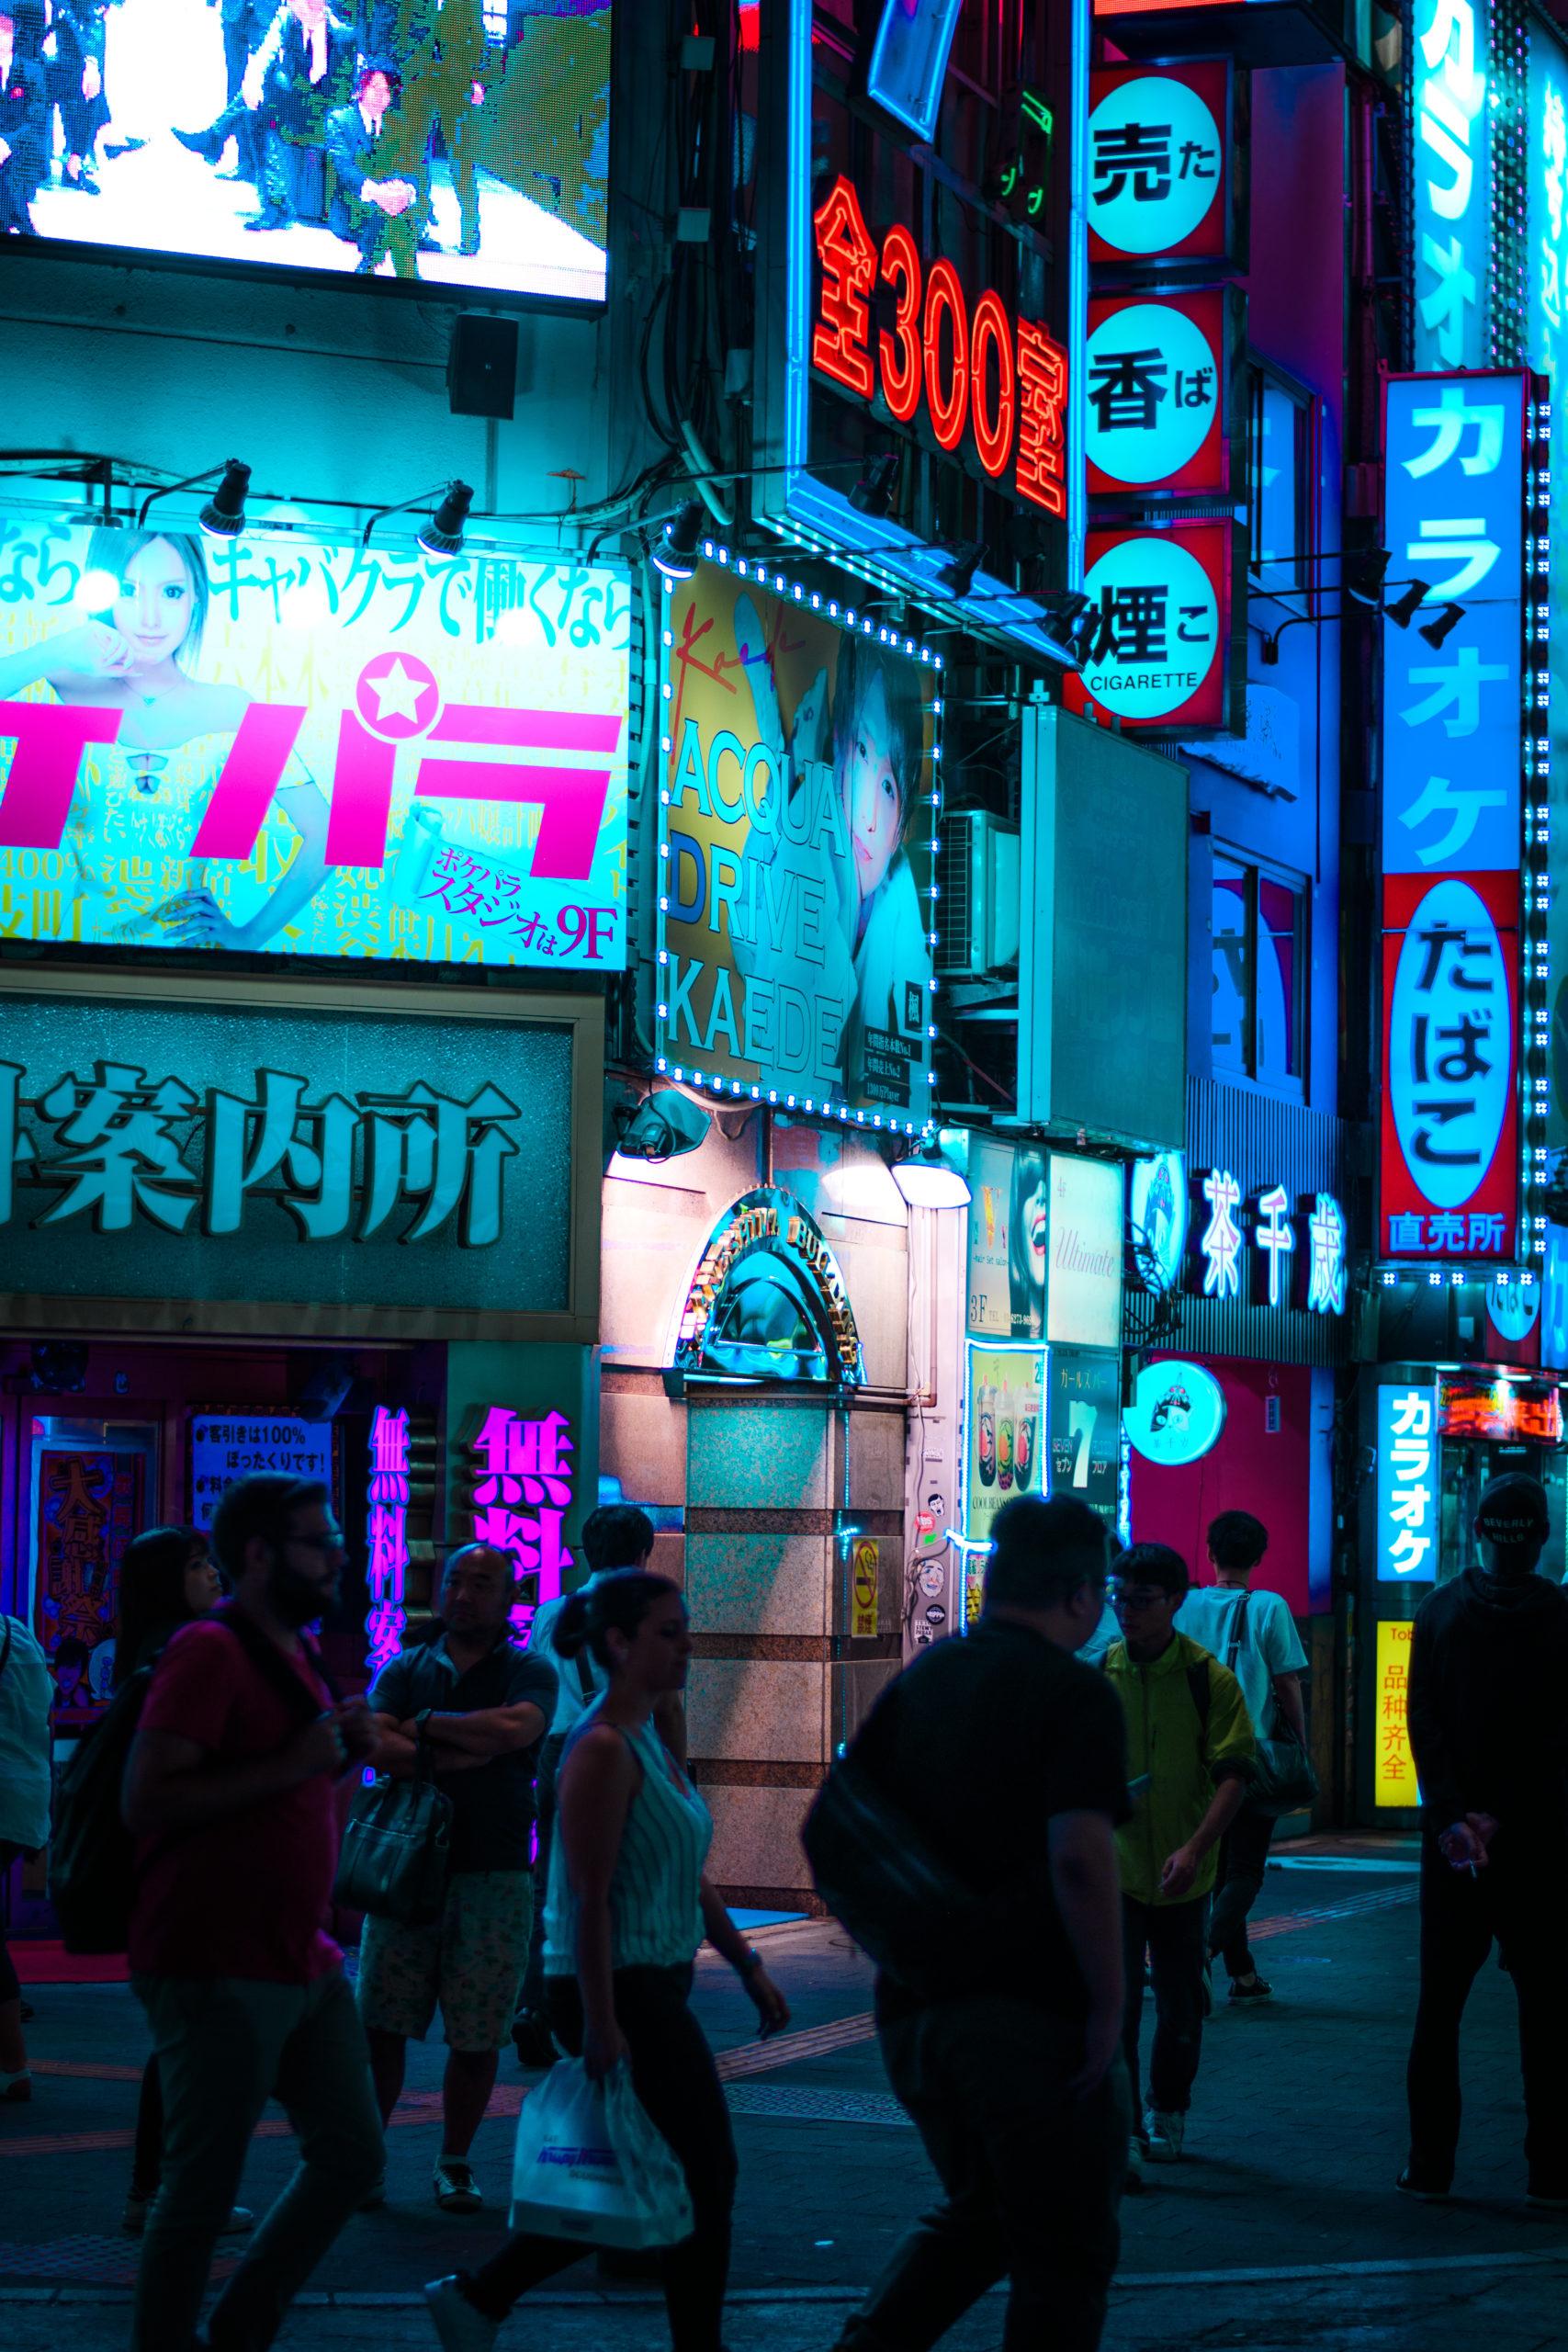 Tokyo Neon City, by John Monarch